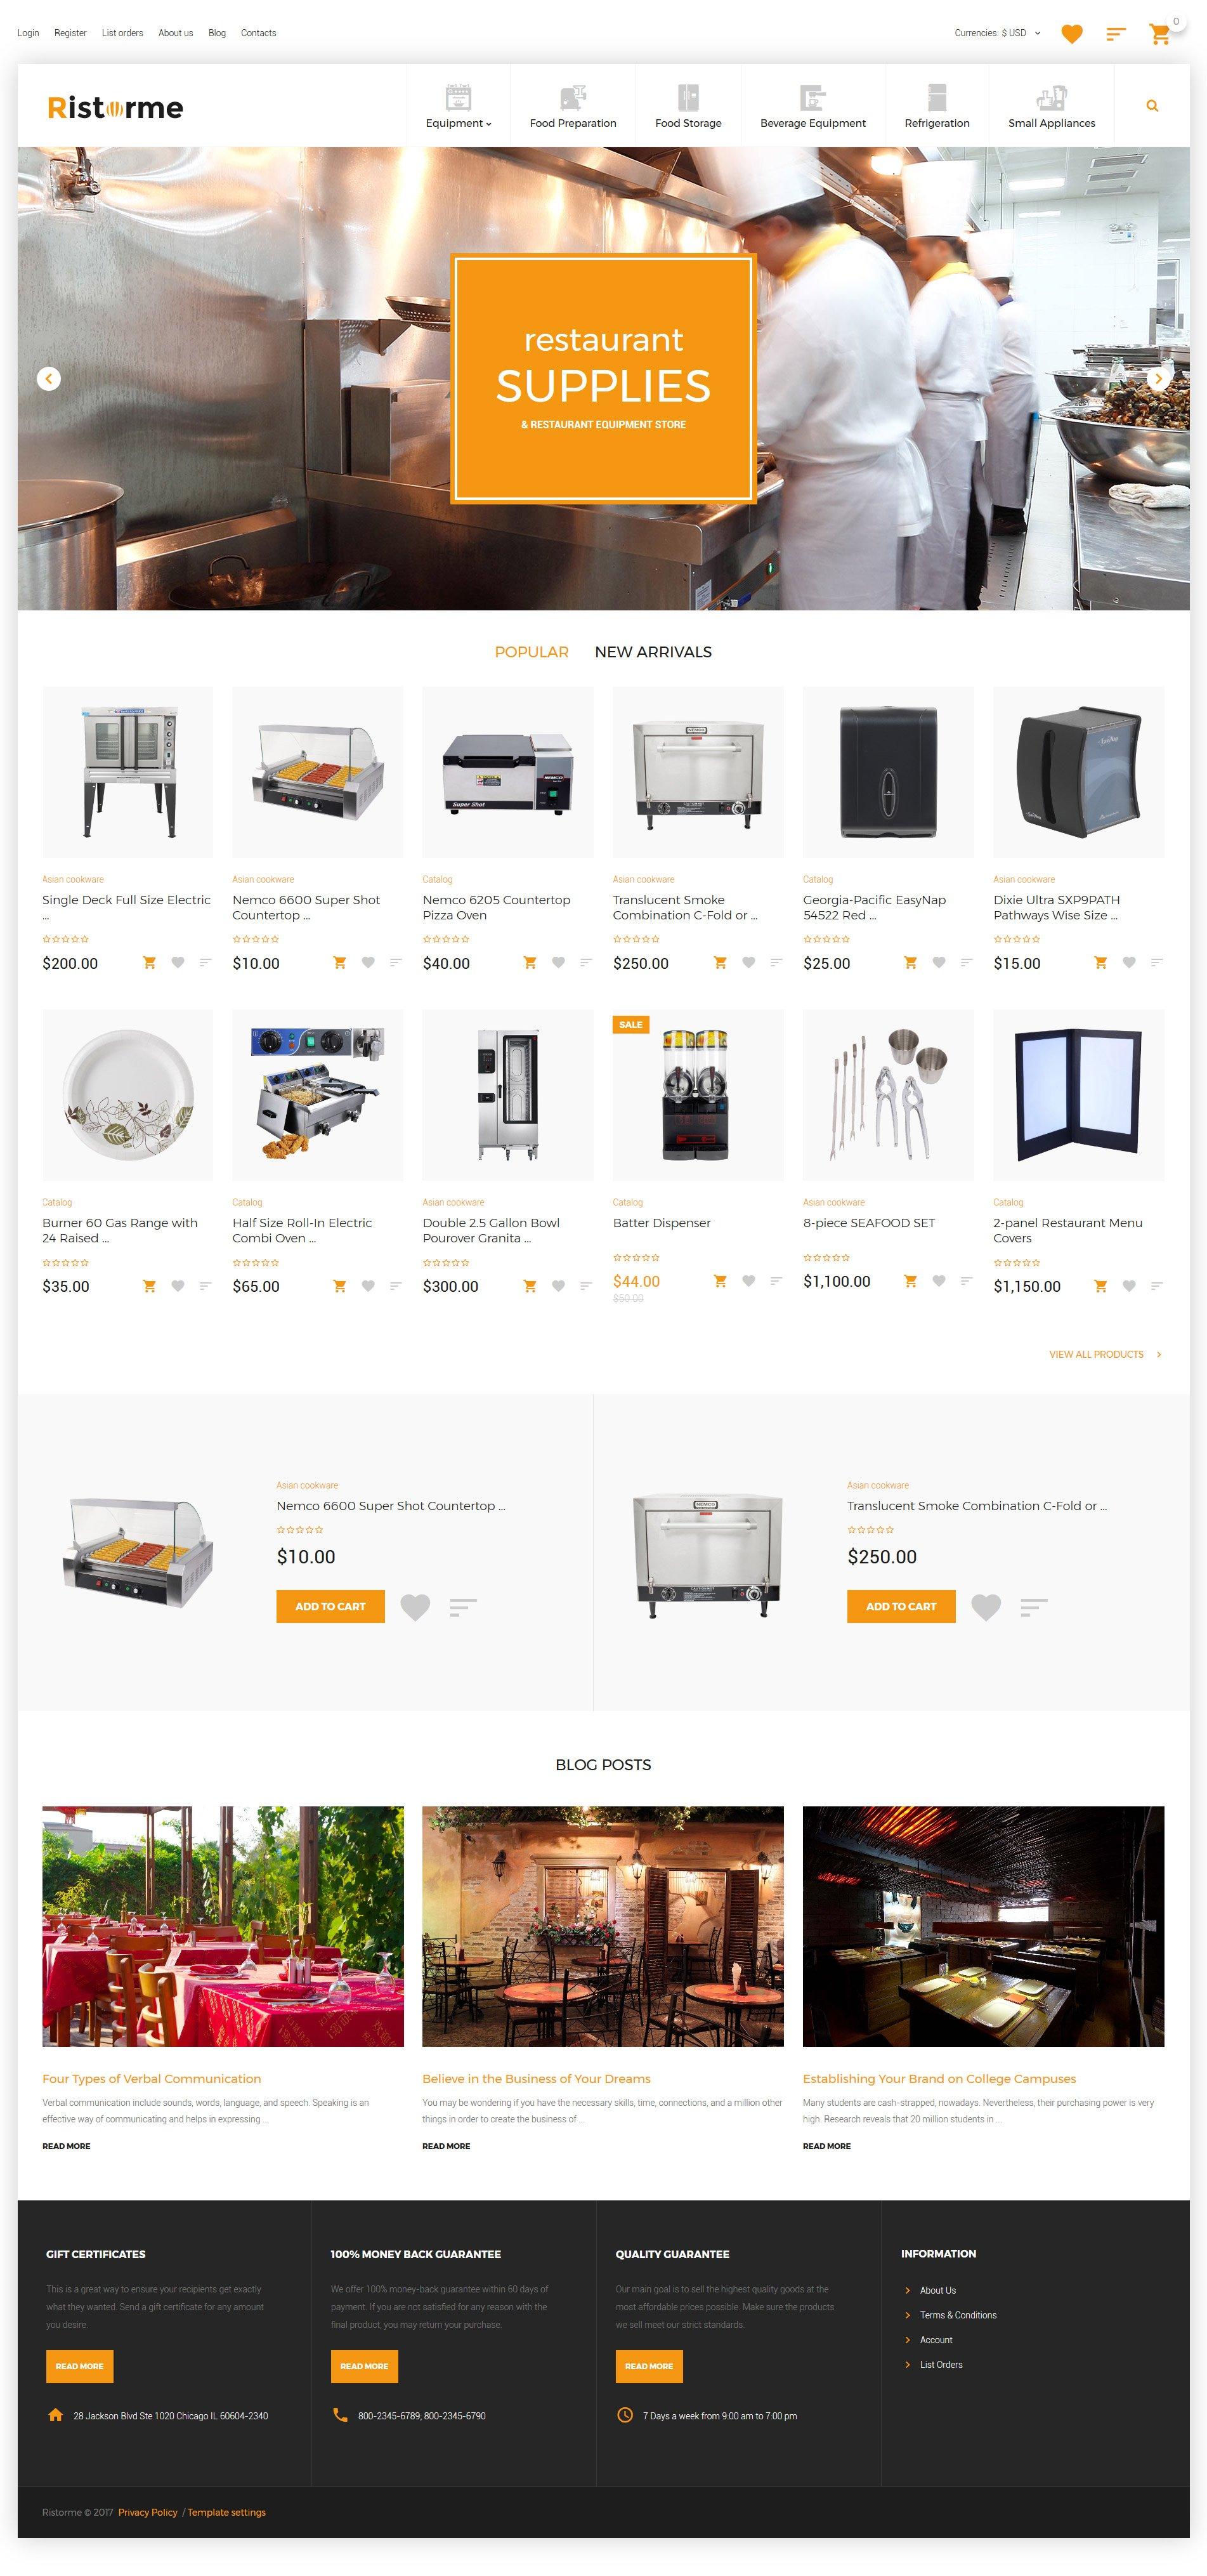 Restaurant Supplies Template VirtueMart №63373